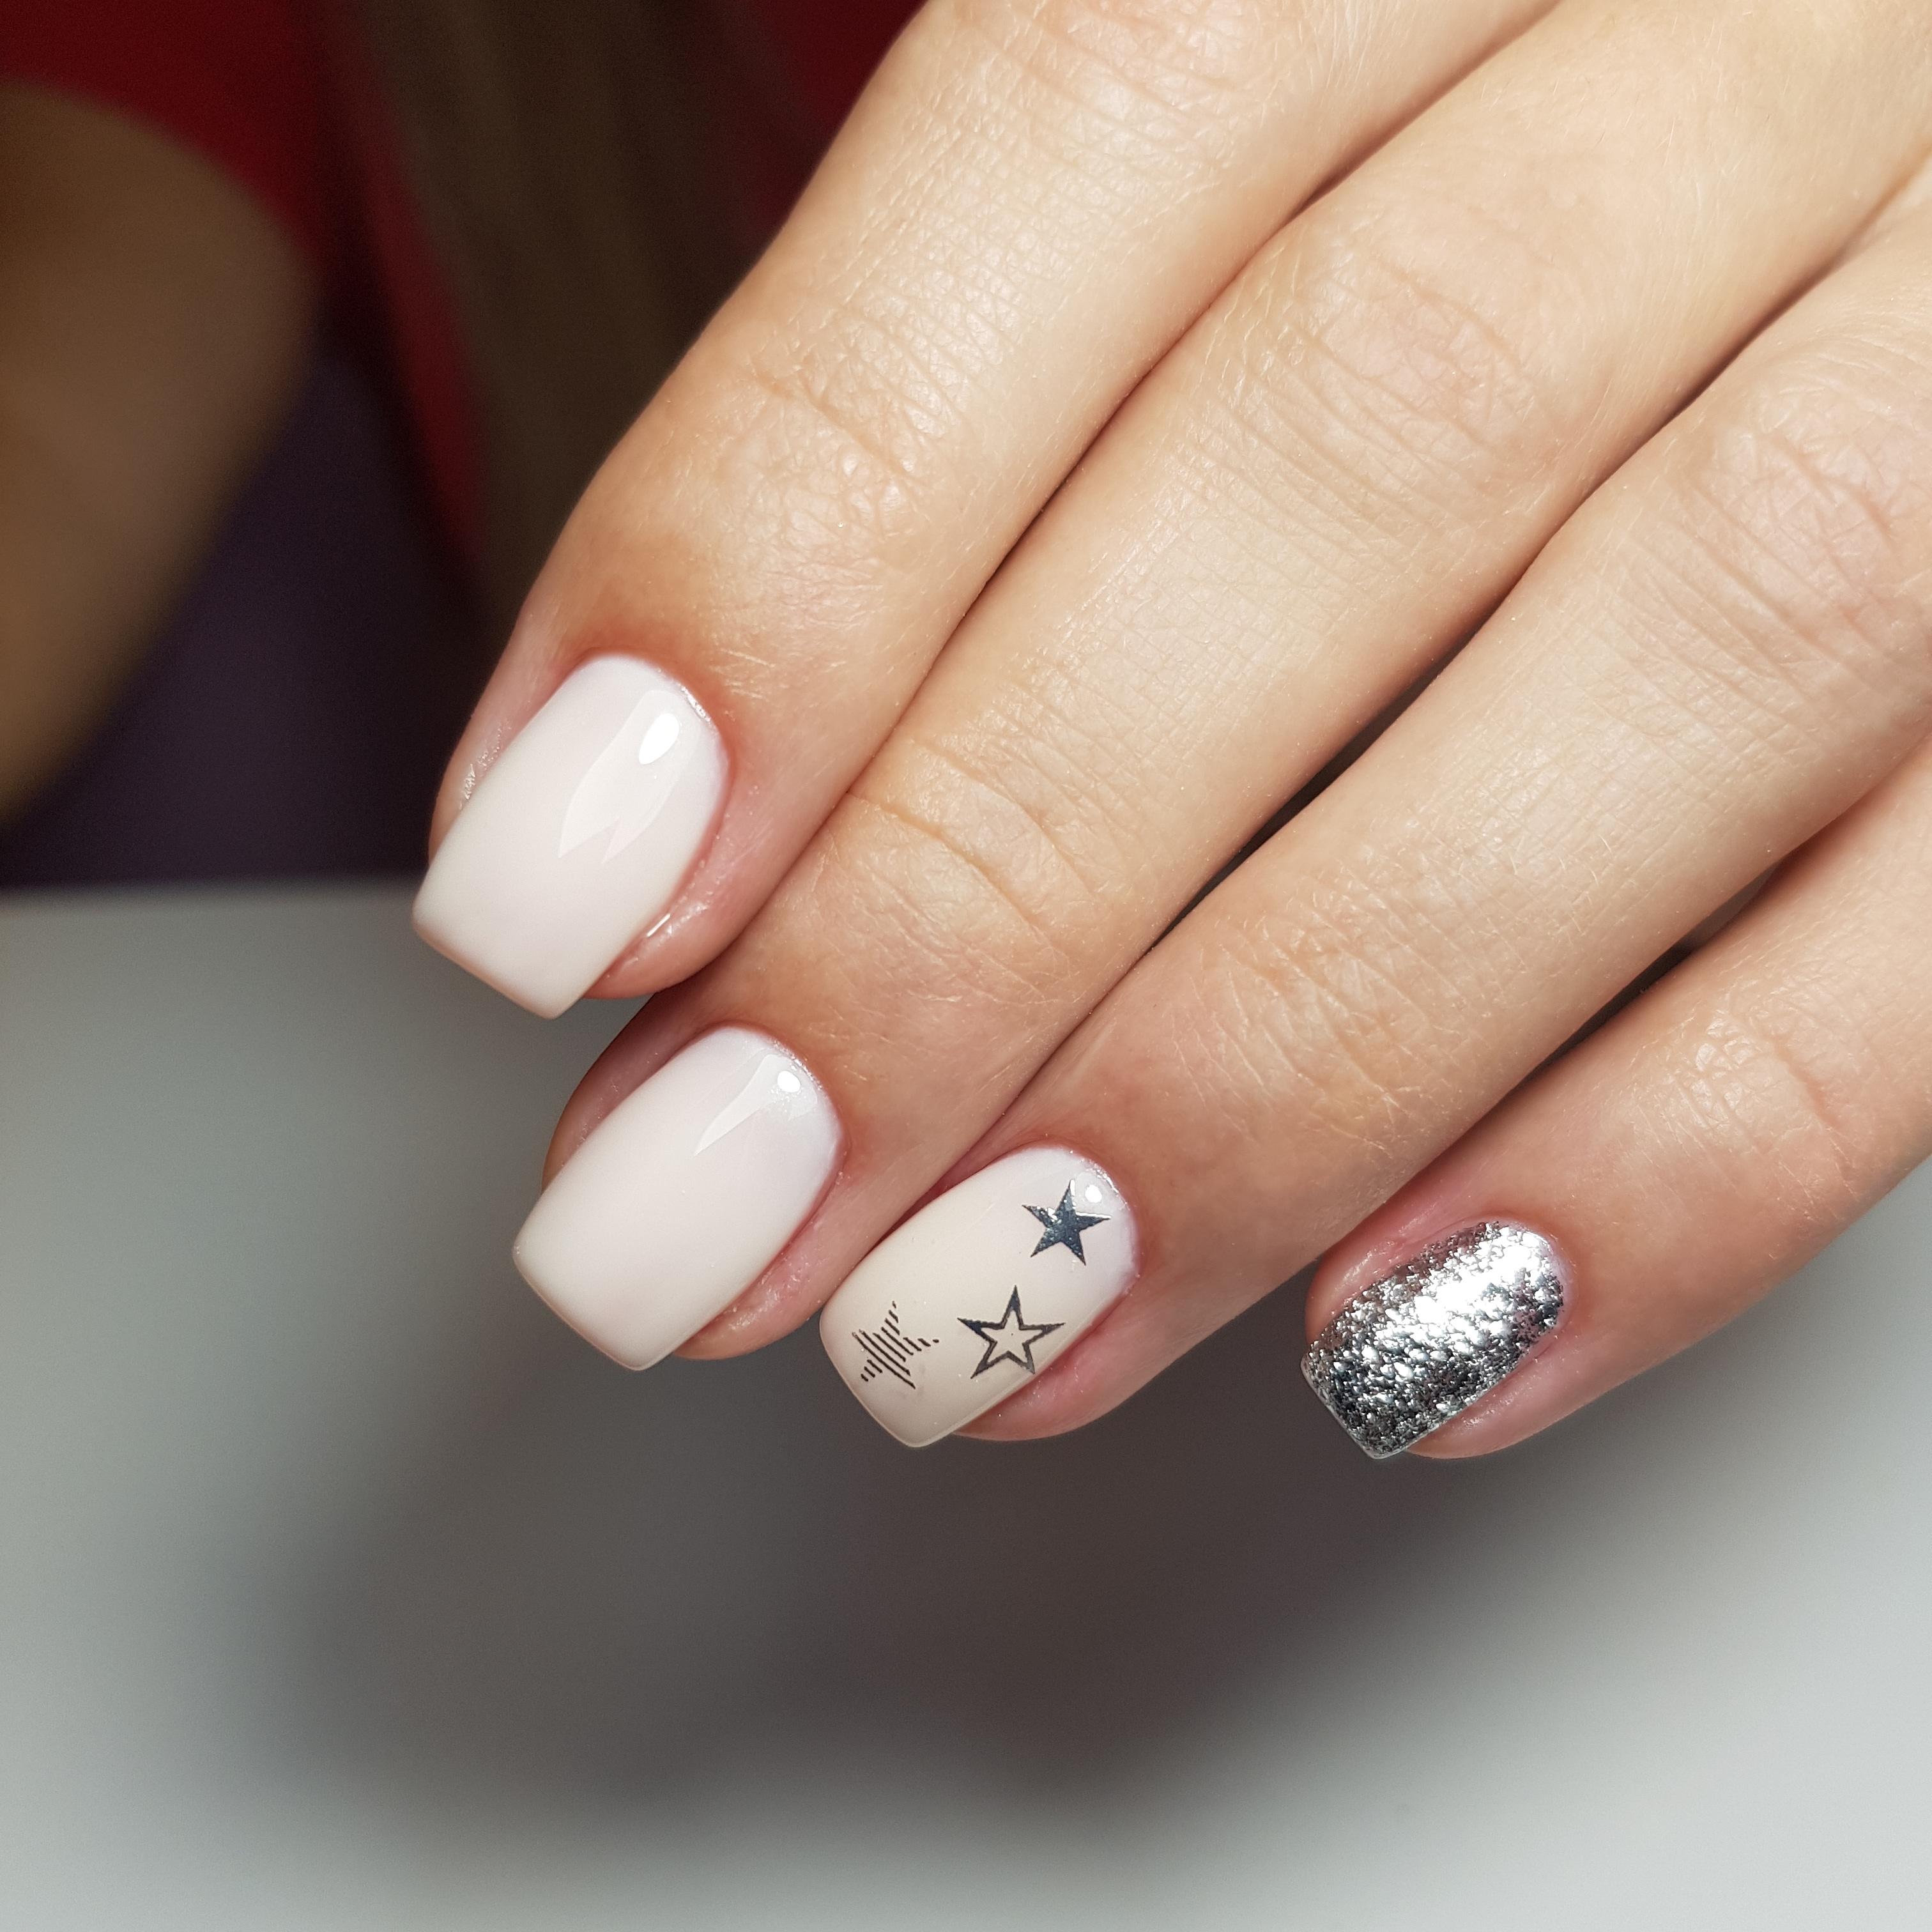 Маникюр со звездочками и серебряными блестками в молочном цвете.